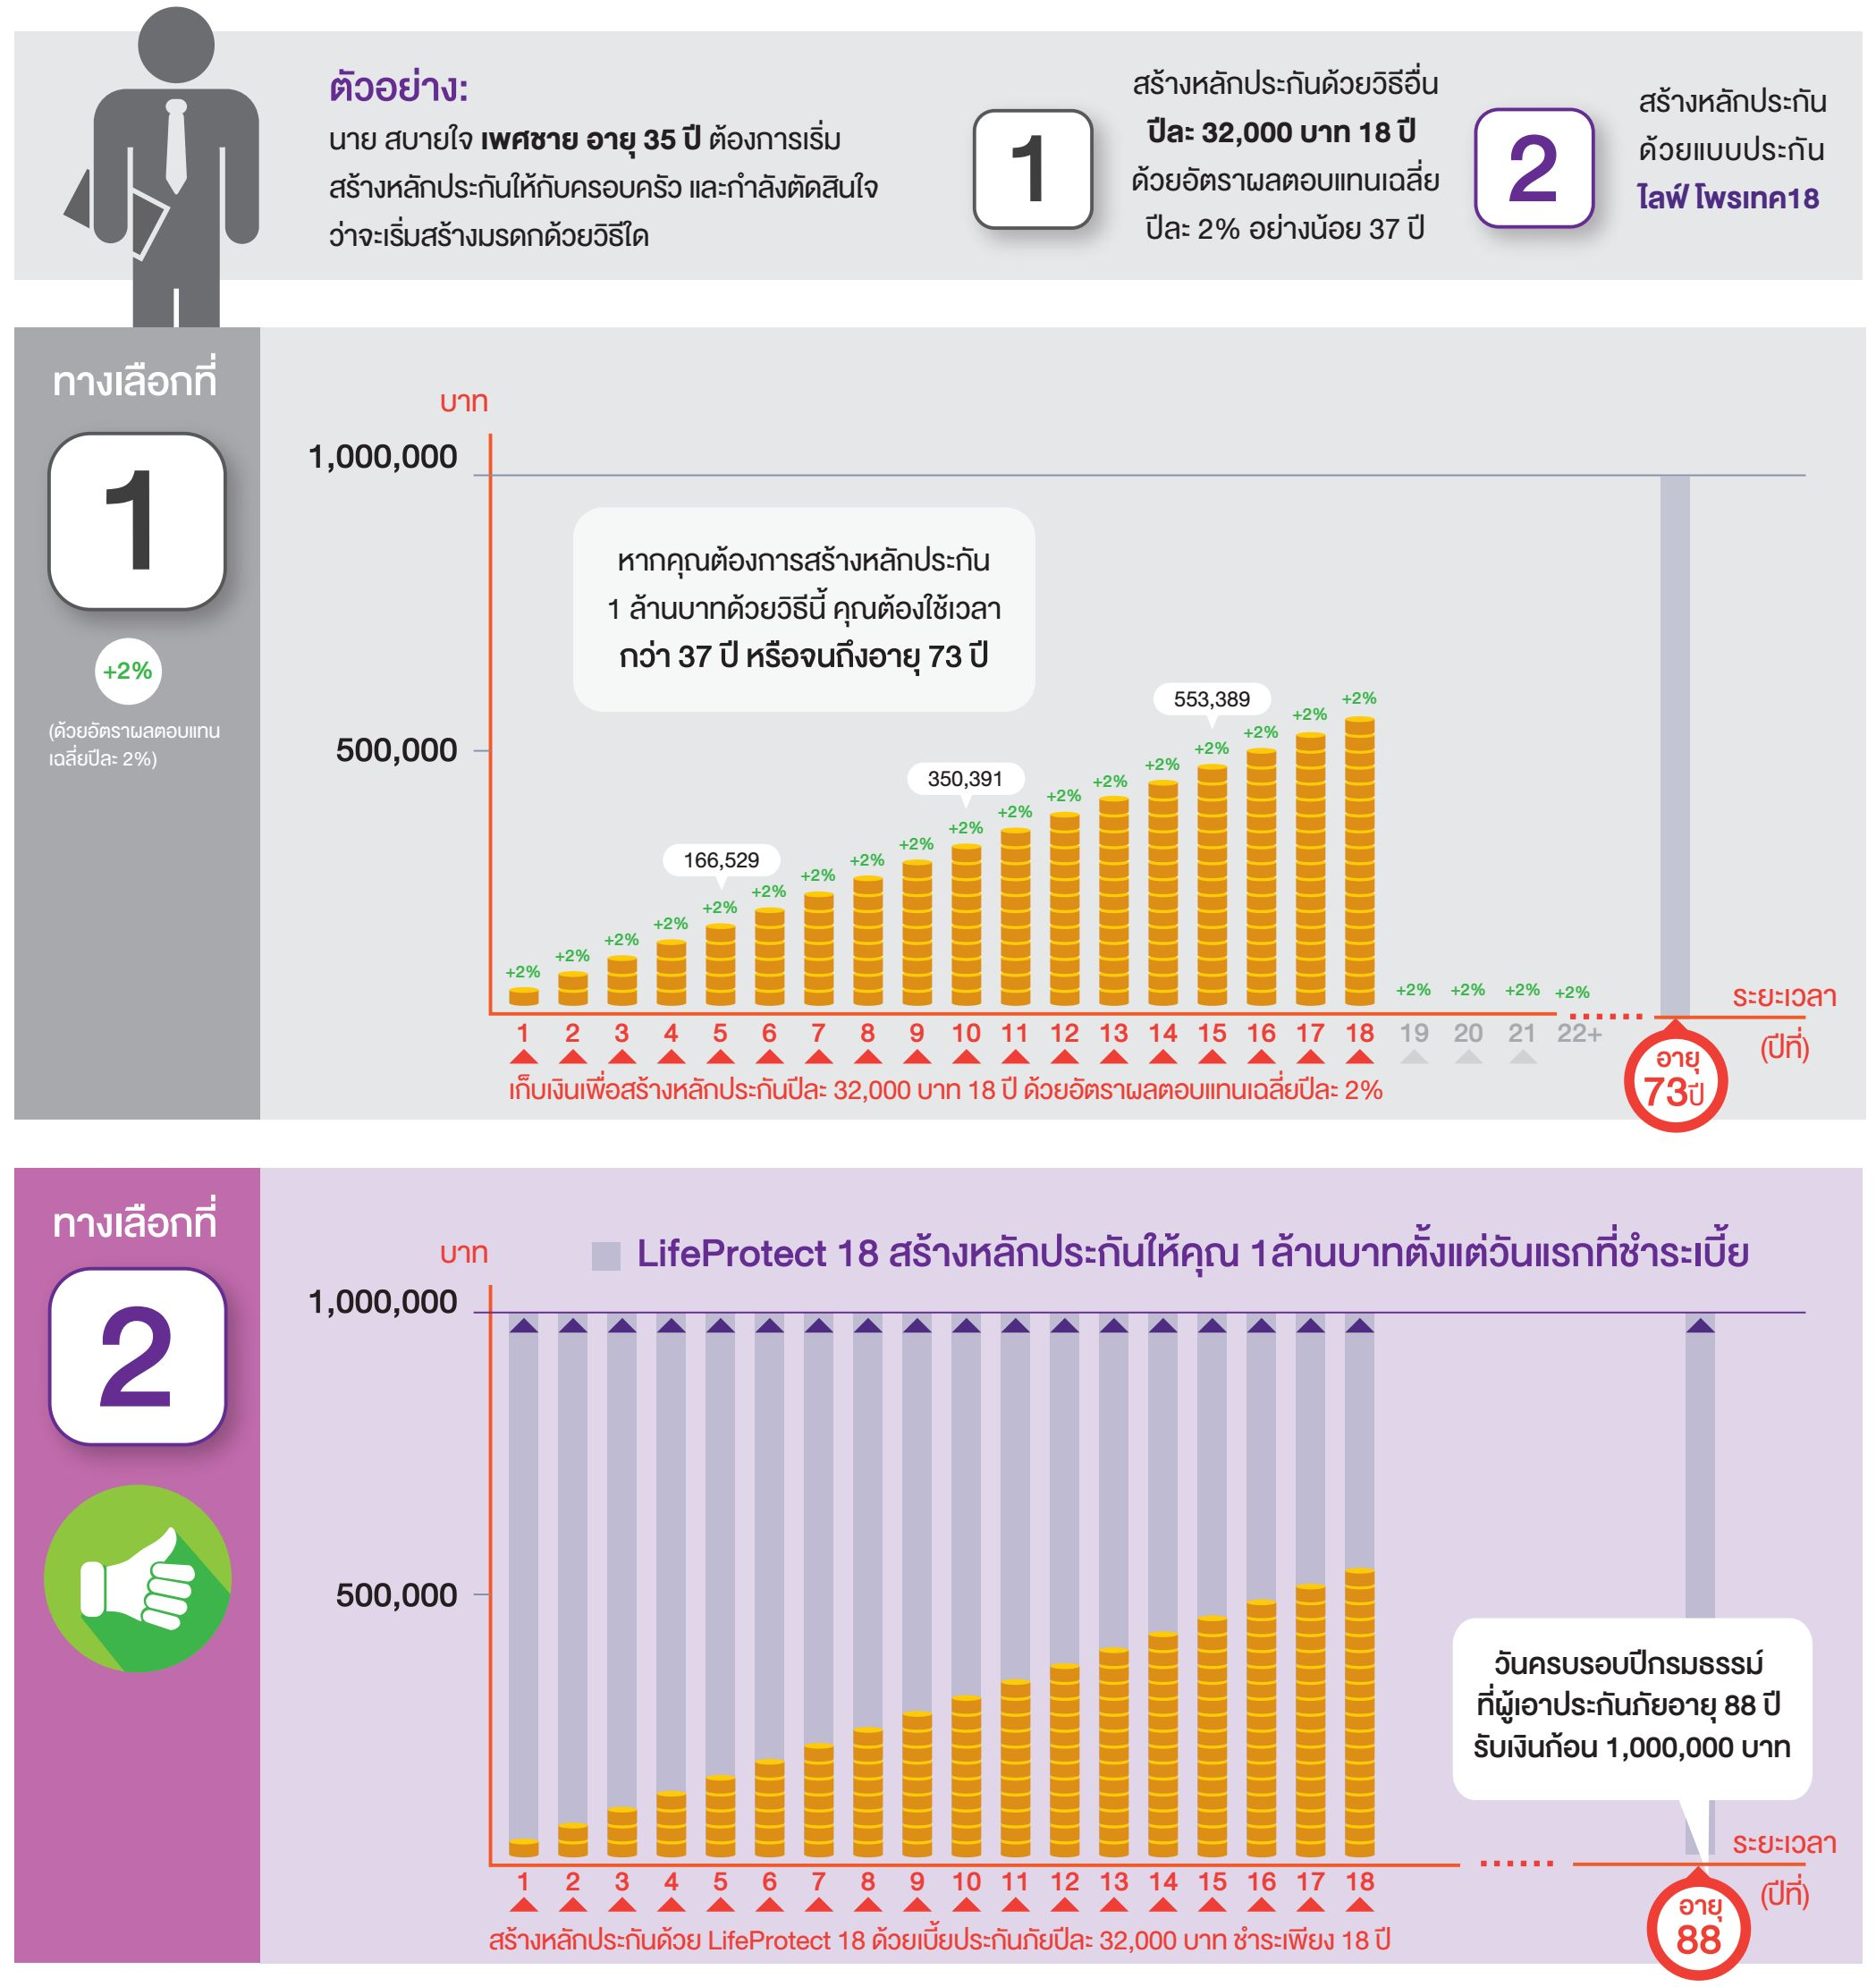 กราฟแสดงผลประโยชน์แบบประกันตลอดชีพ ไลฟ์โพรเทค 18